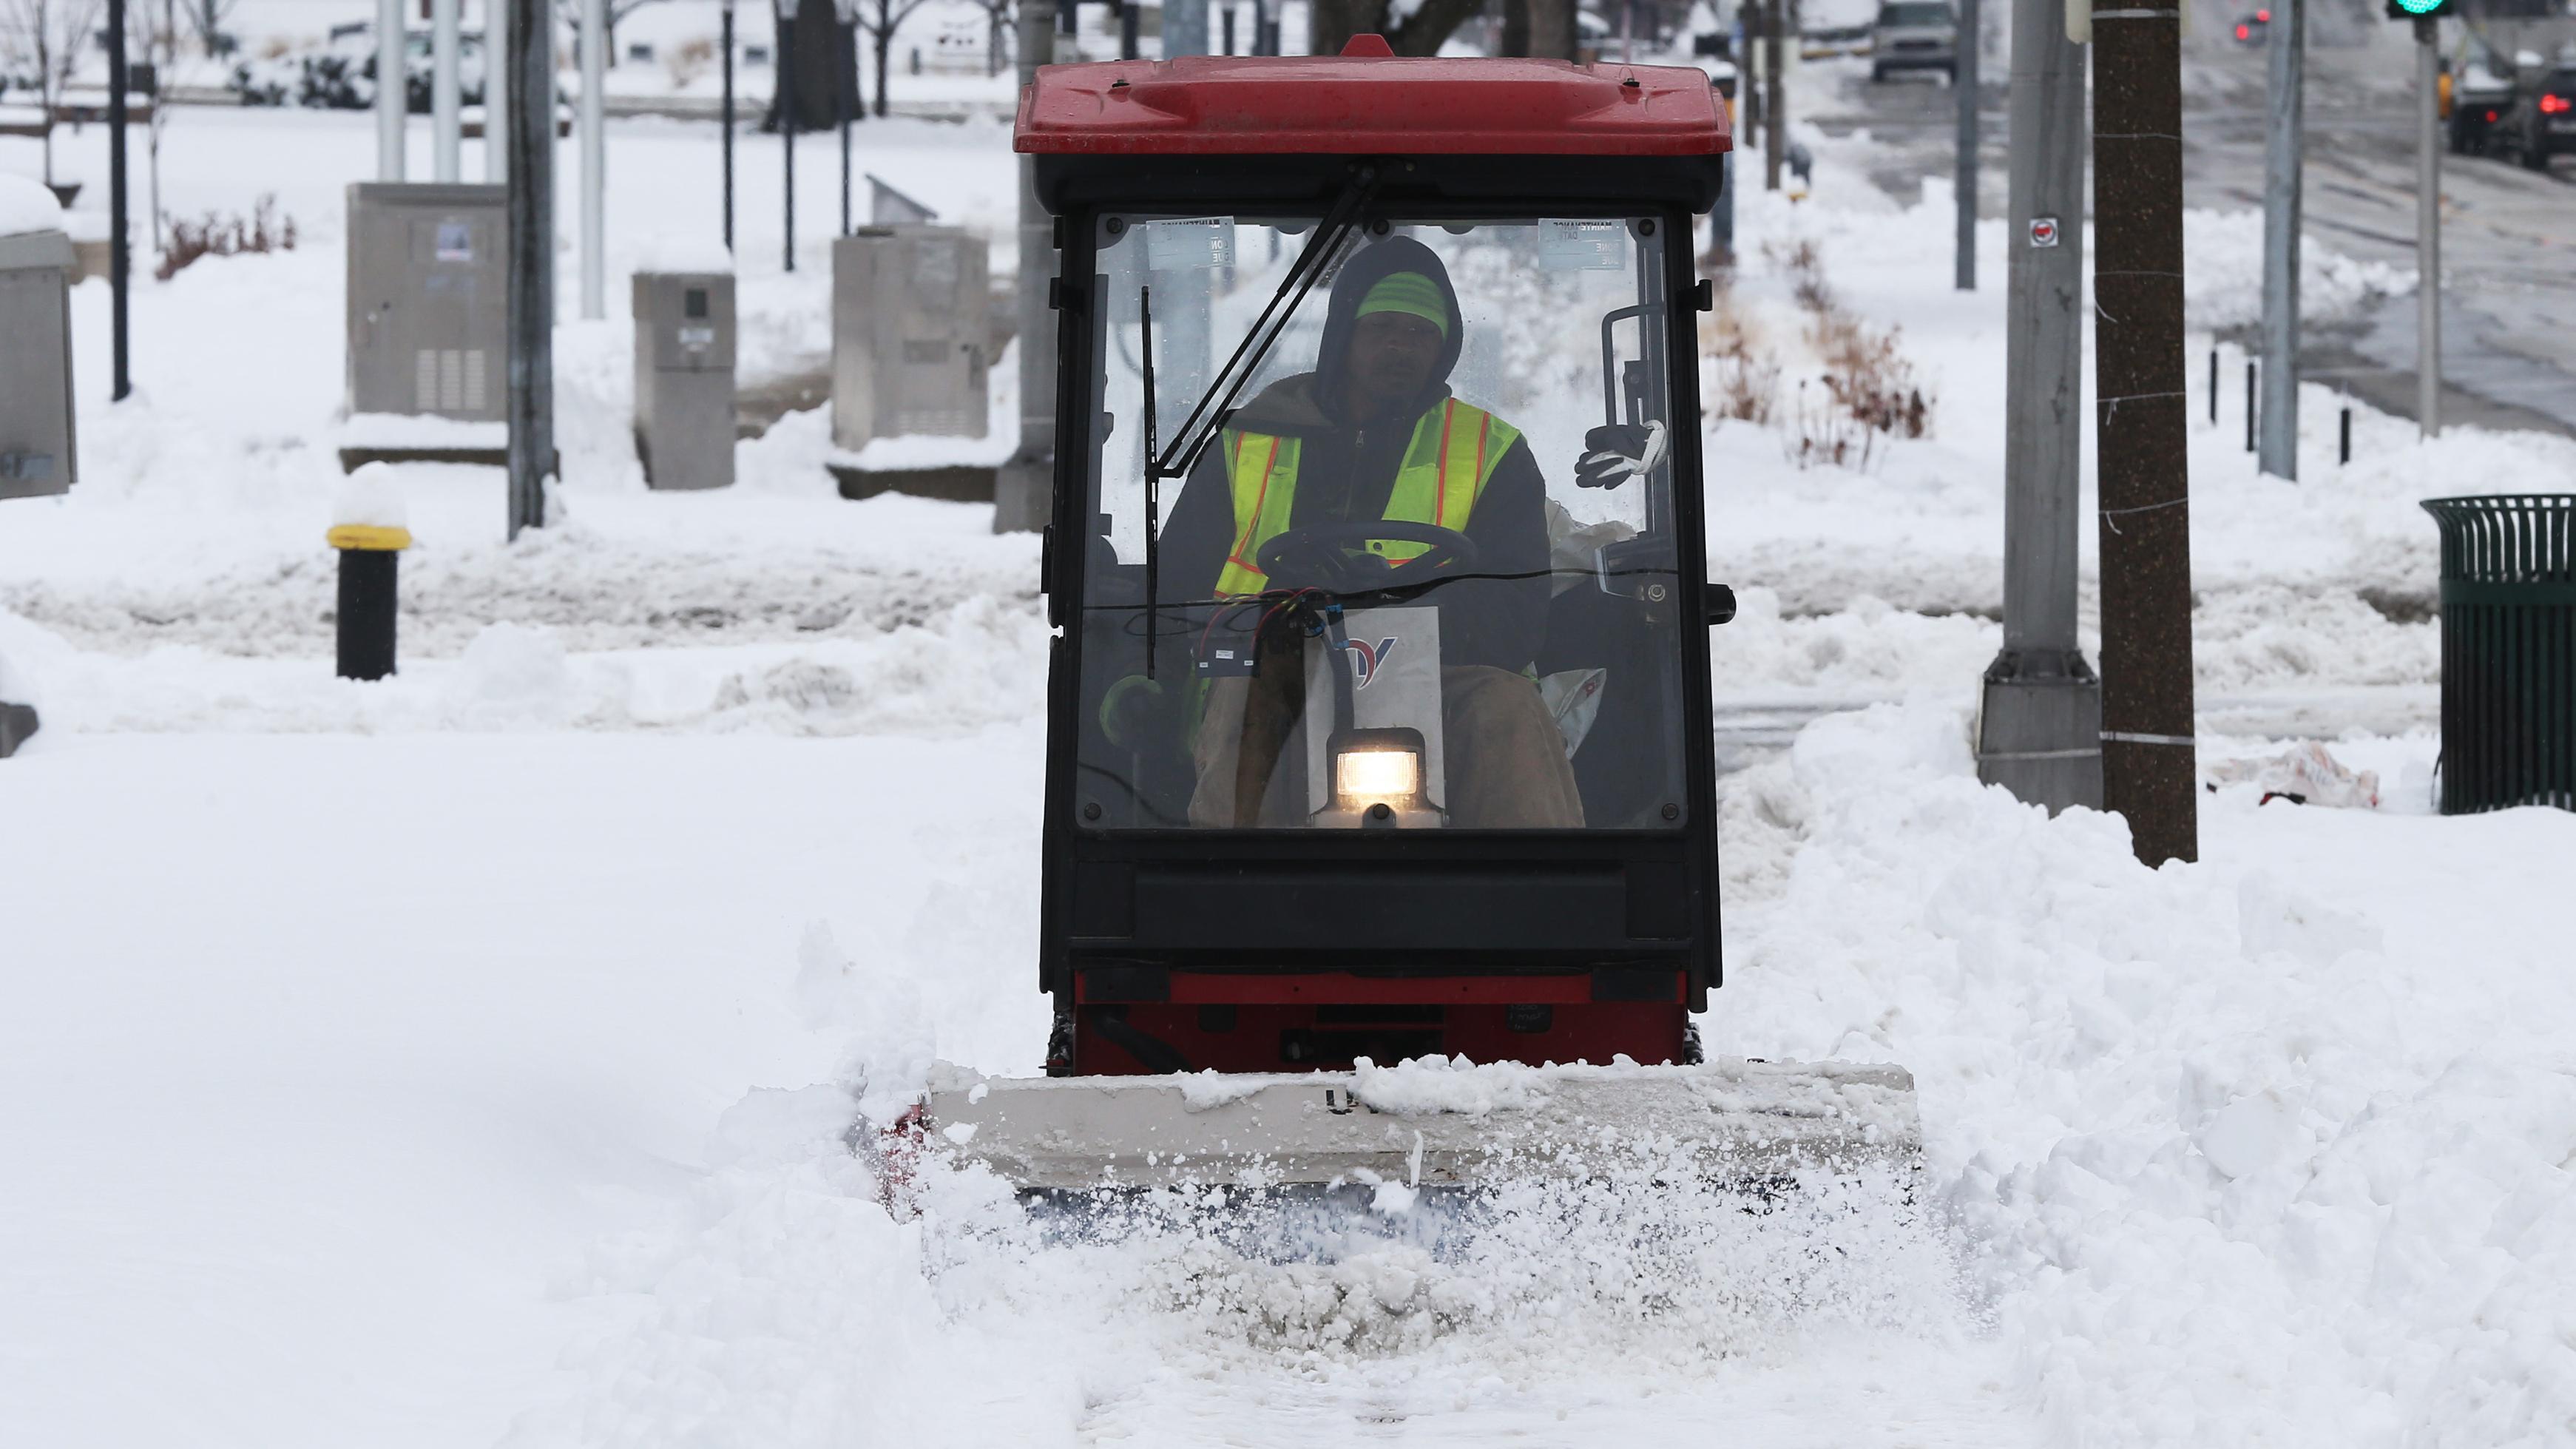 Schnee wird in St. Louis, USA, geräumt